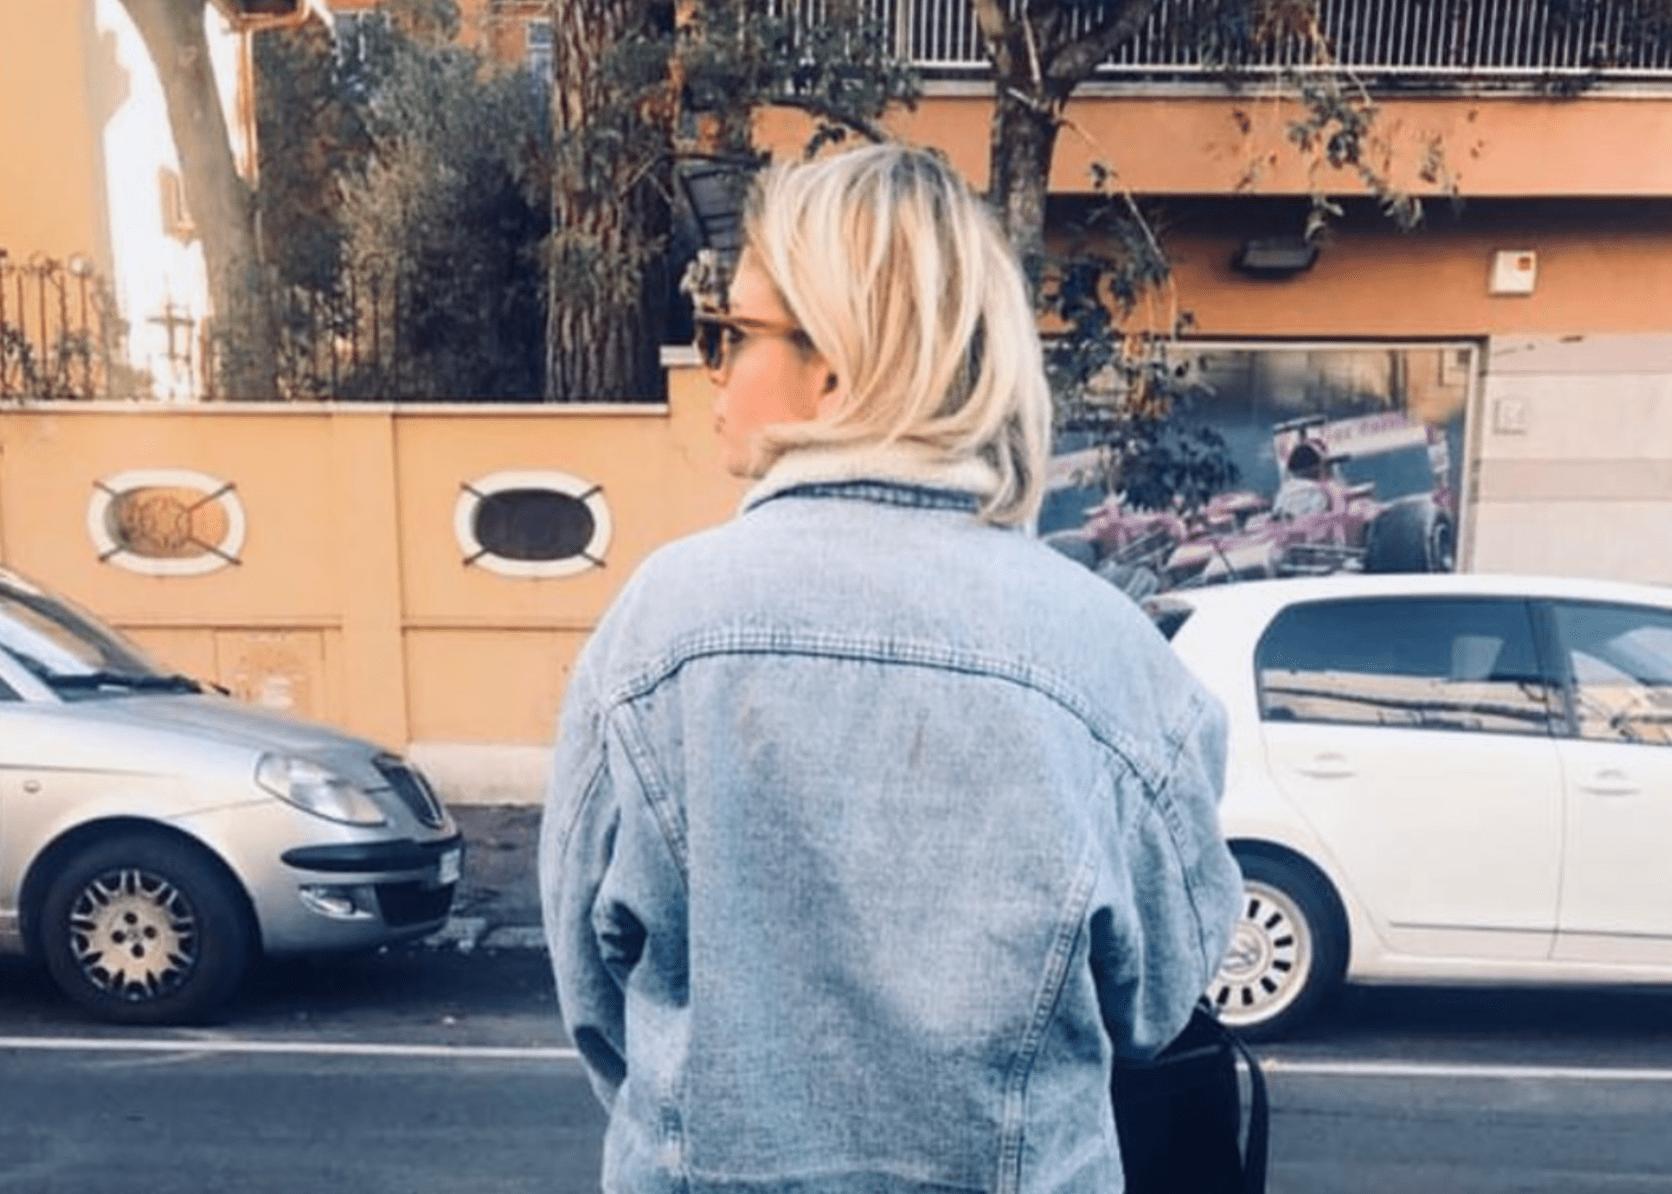 Emma Marrone sul bullismo, l'incontro con i ragazzi: 'Non c'è mai leggerezza in un insulto'